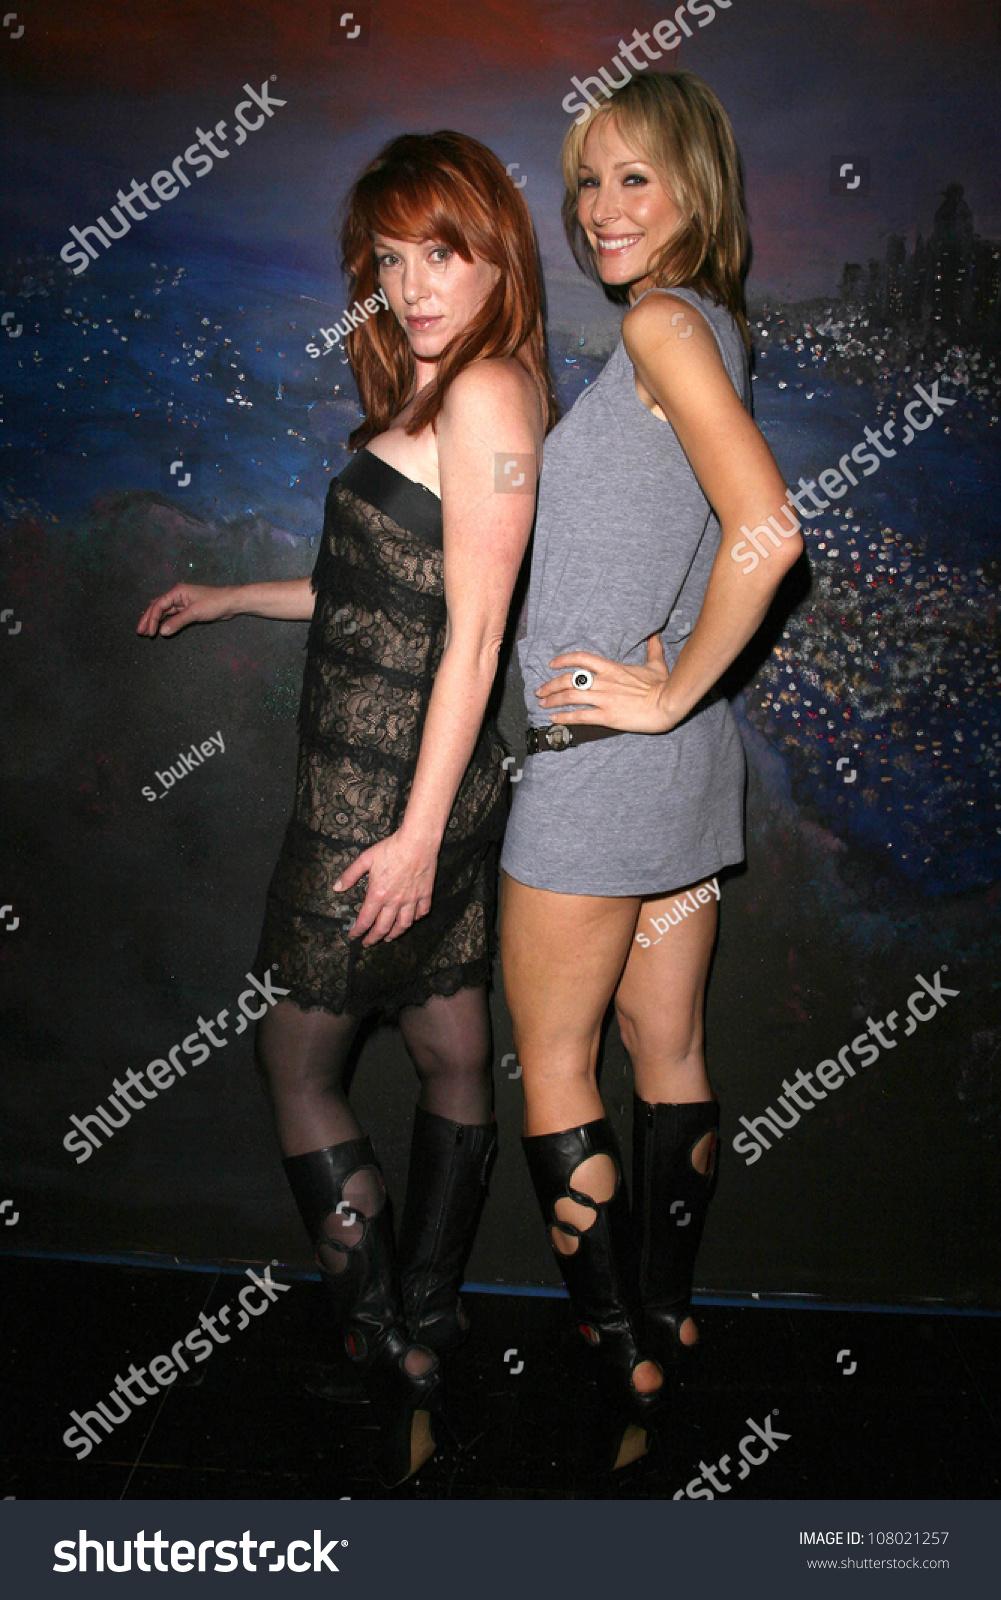 Shana Sosin Nude Photos 16